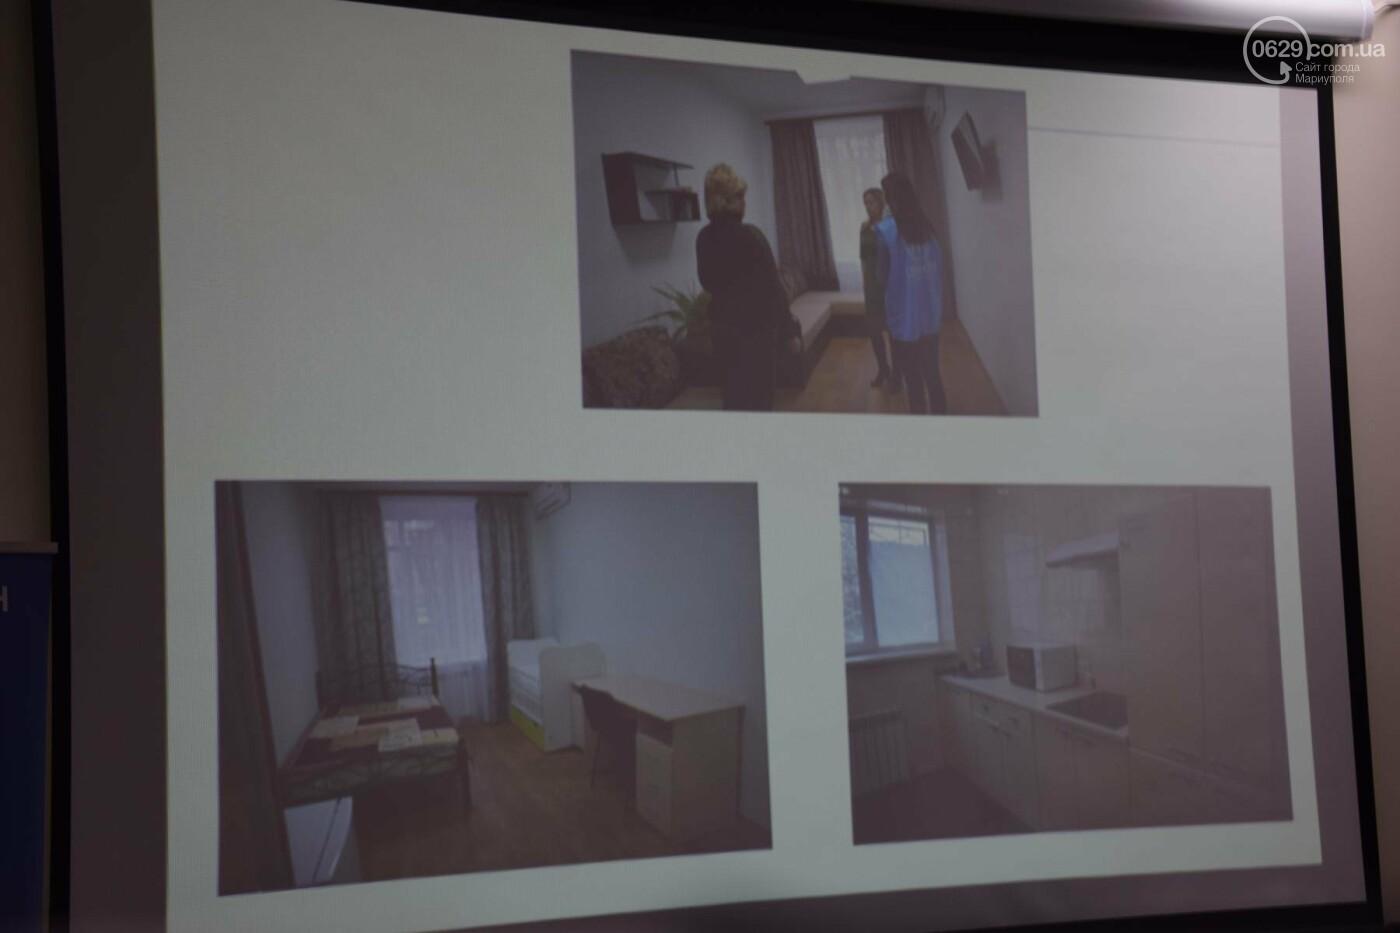 Презентация убежища в Мариуполе завершилась предложением о  воссоздании вытрезвителей (ФОТО, ВИДЕО), фото-1